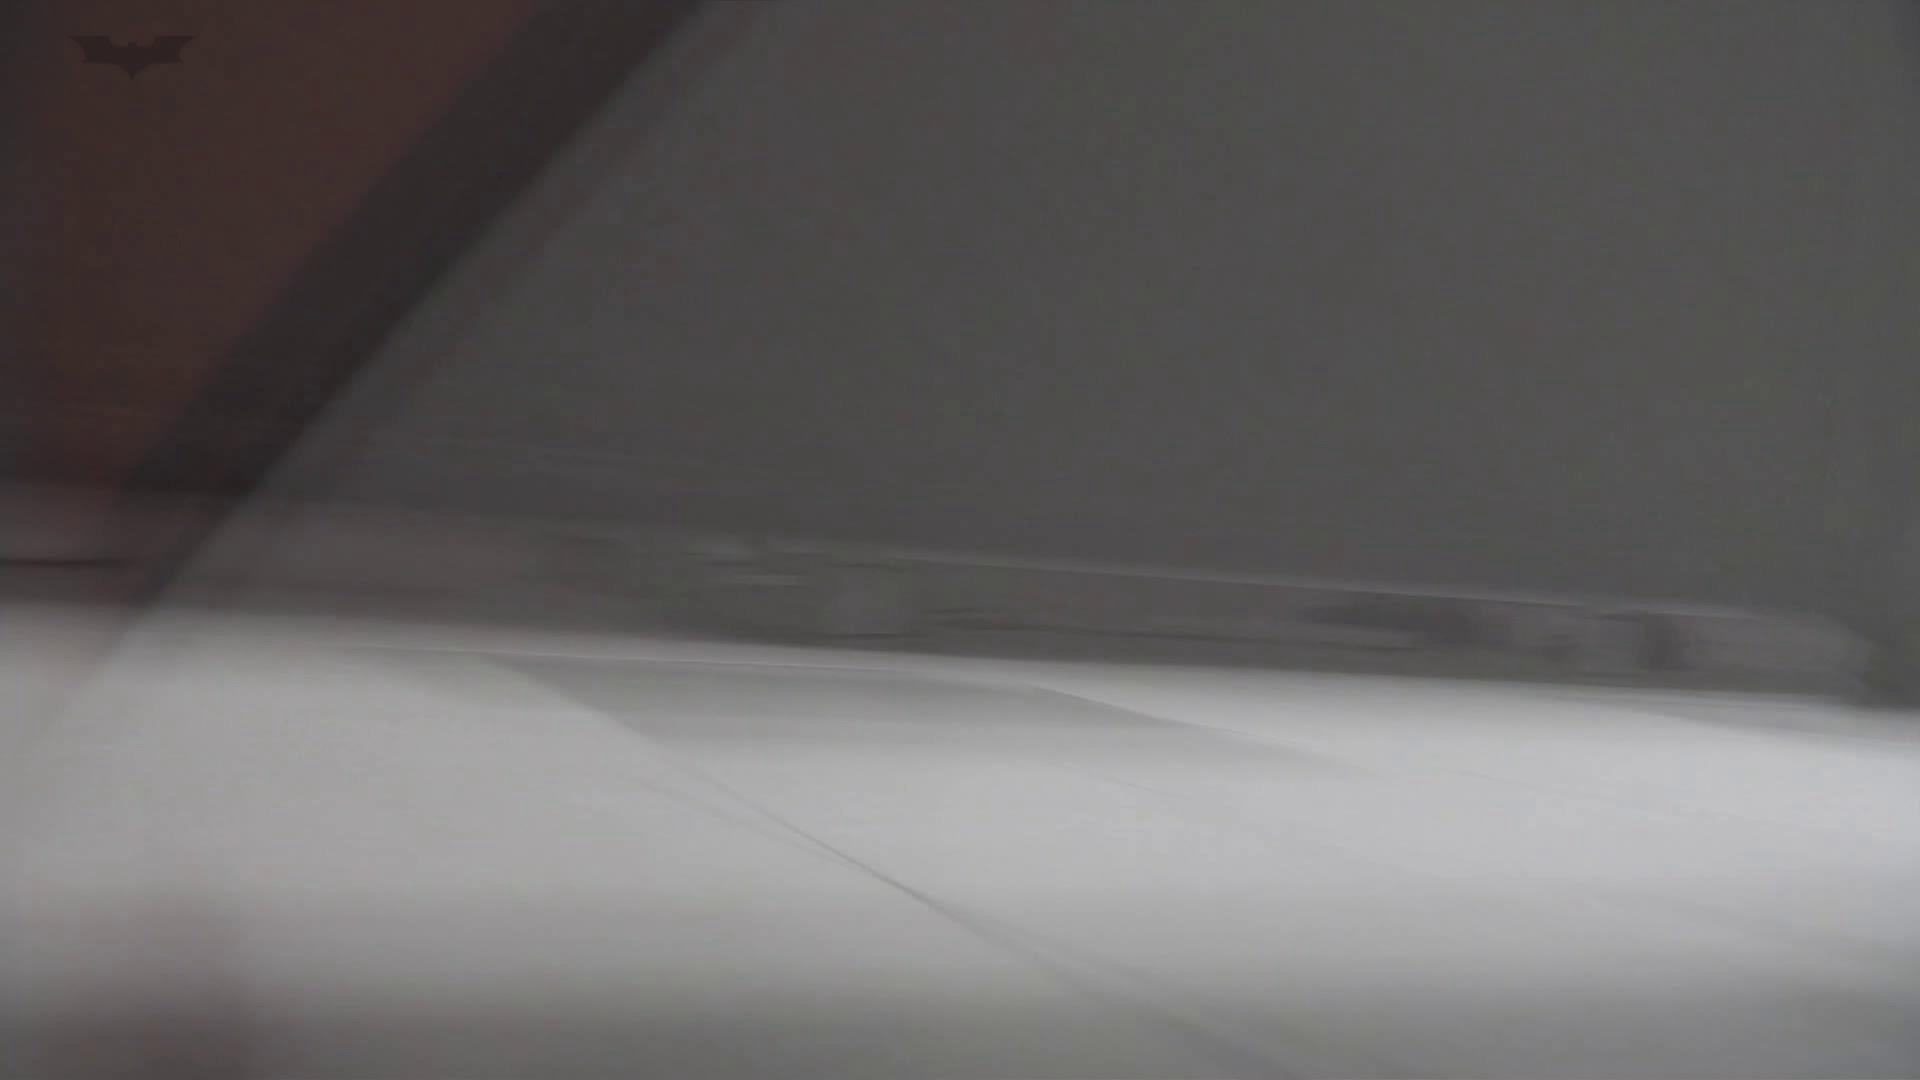 美しい日本の未来 No.14 チラっ、あっ・・・。攻めのアングルです! 高画質動画  26画像 7